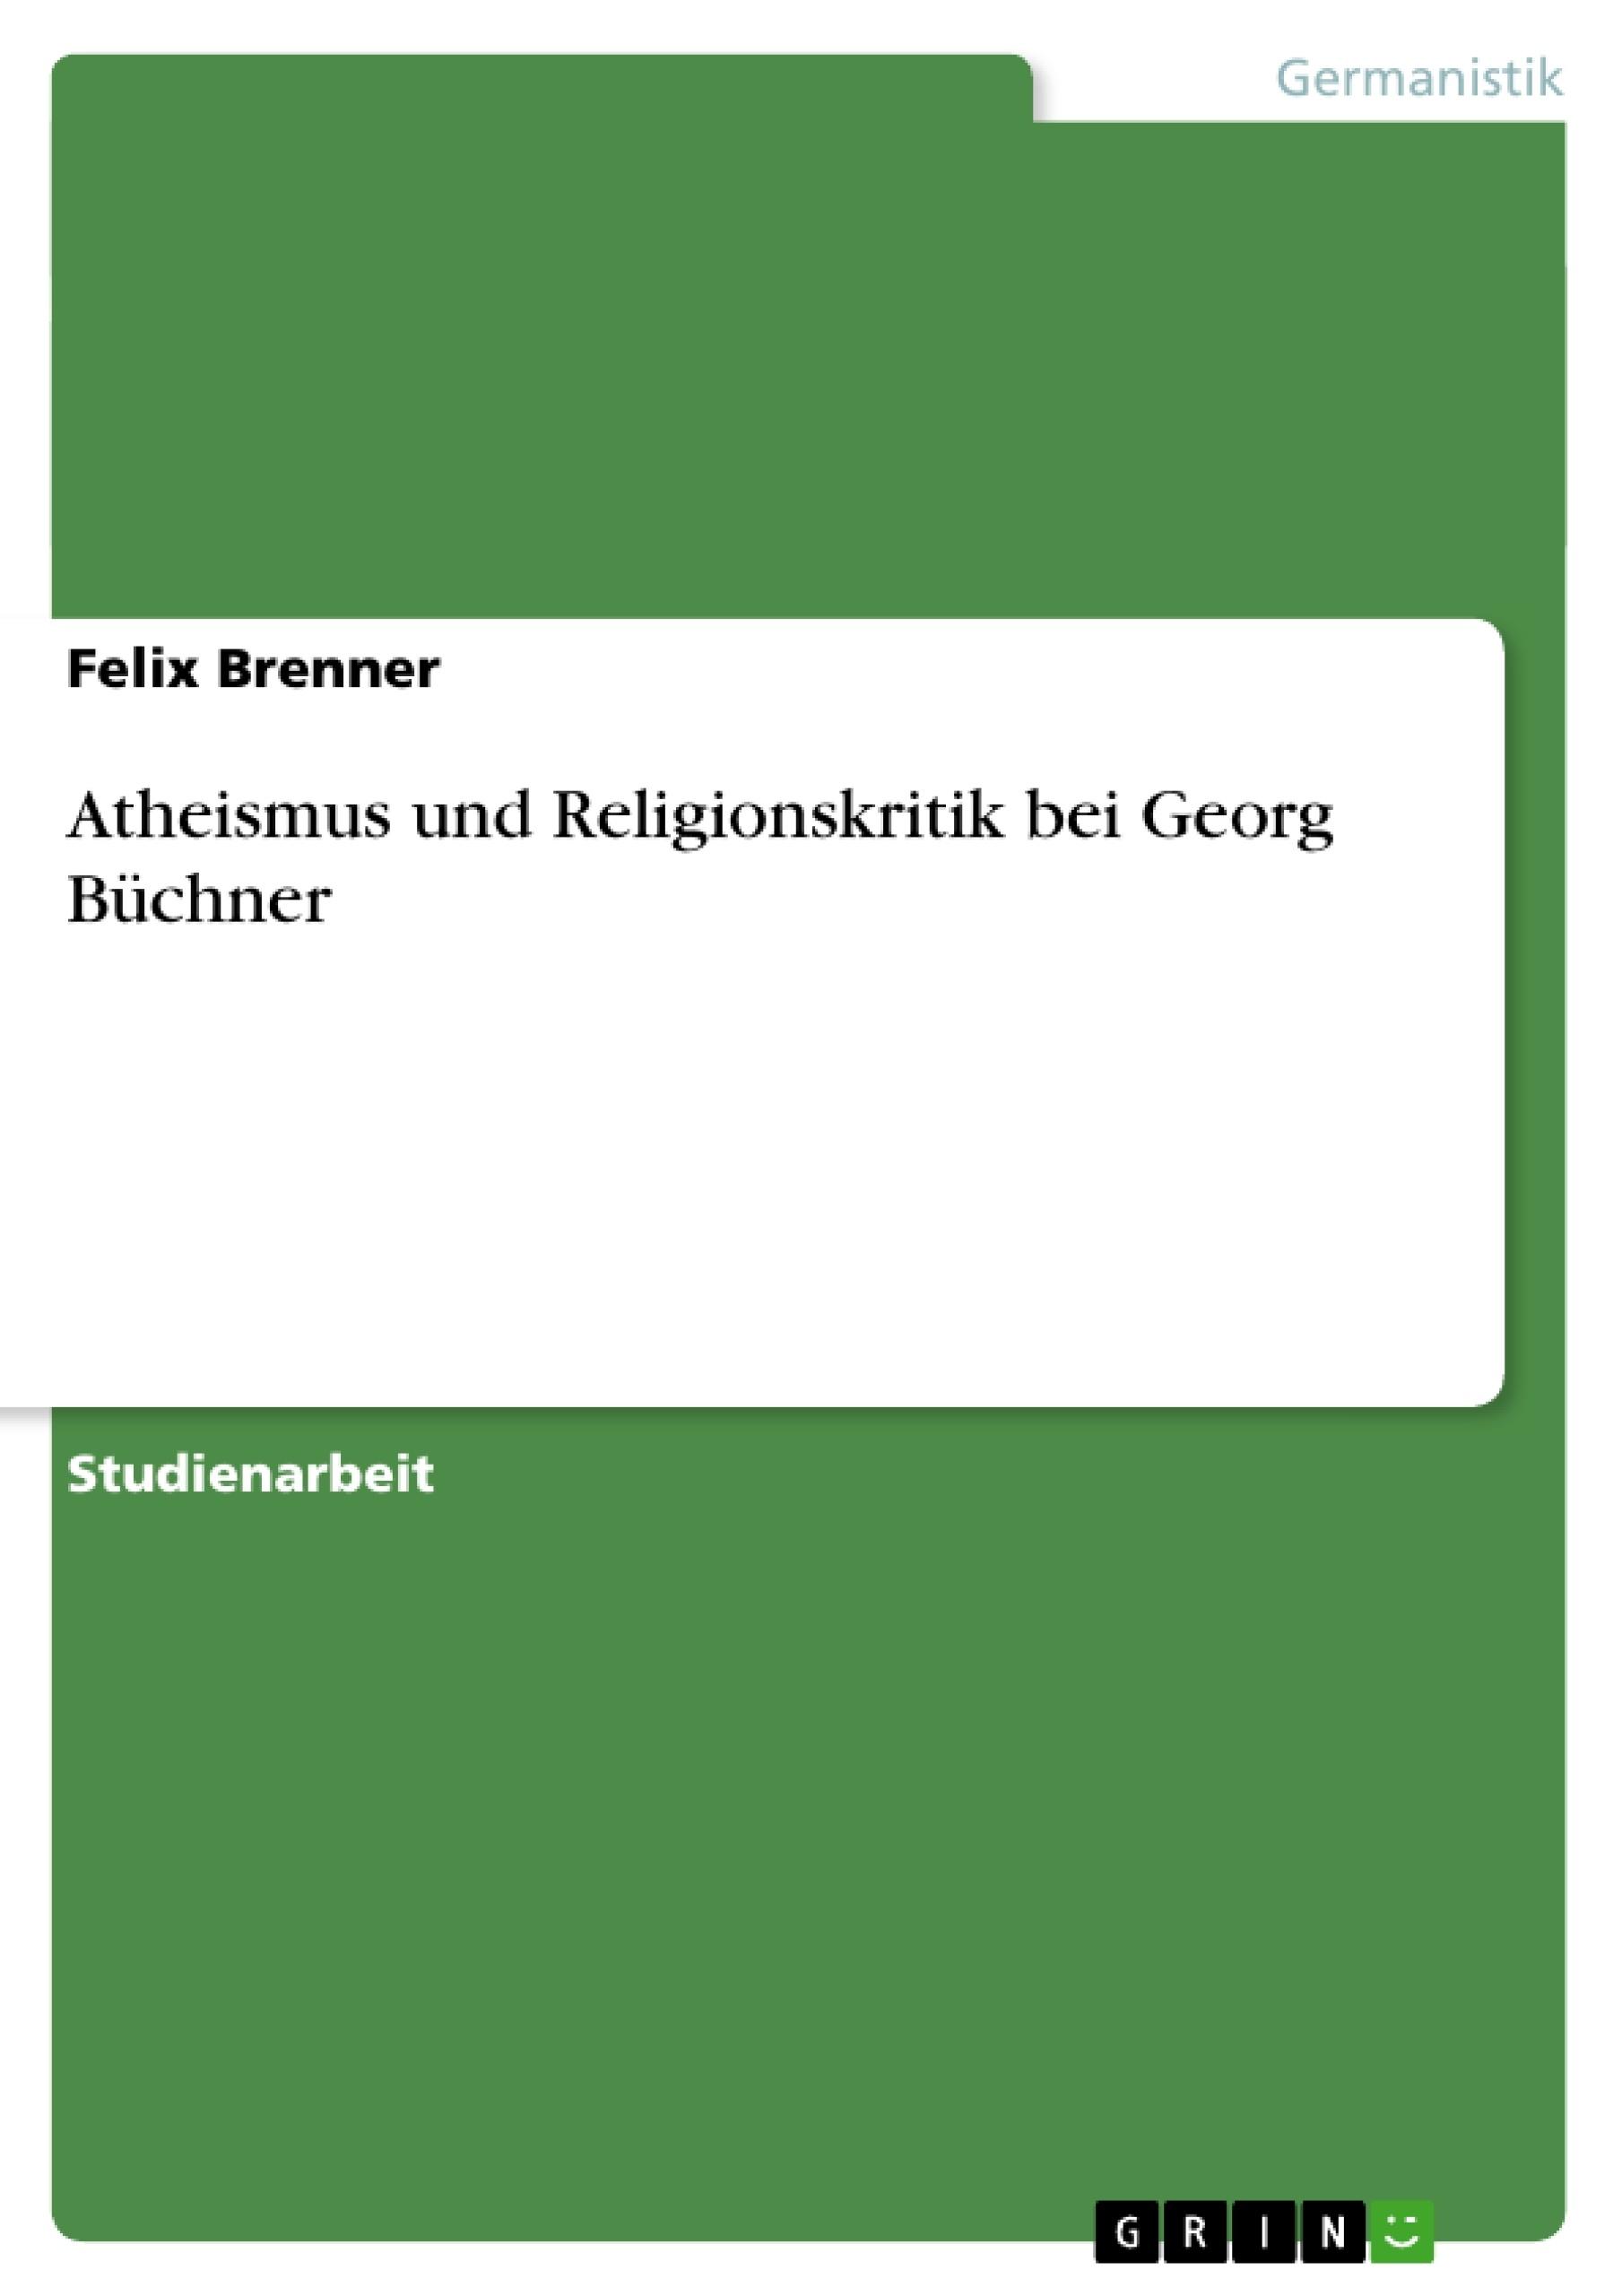 Titel: Atheismus und Religionskritik bei Georg Büchner